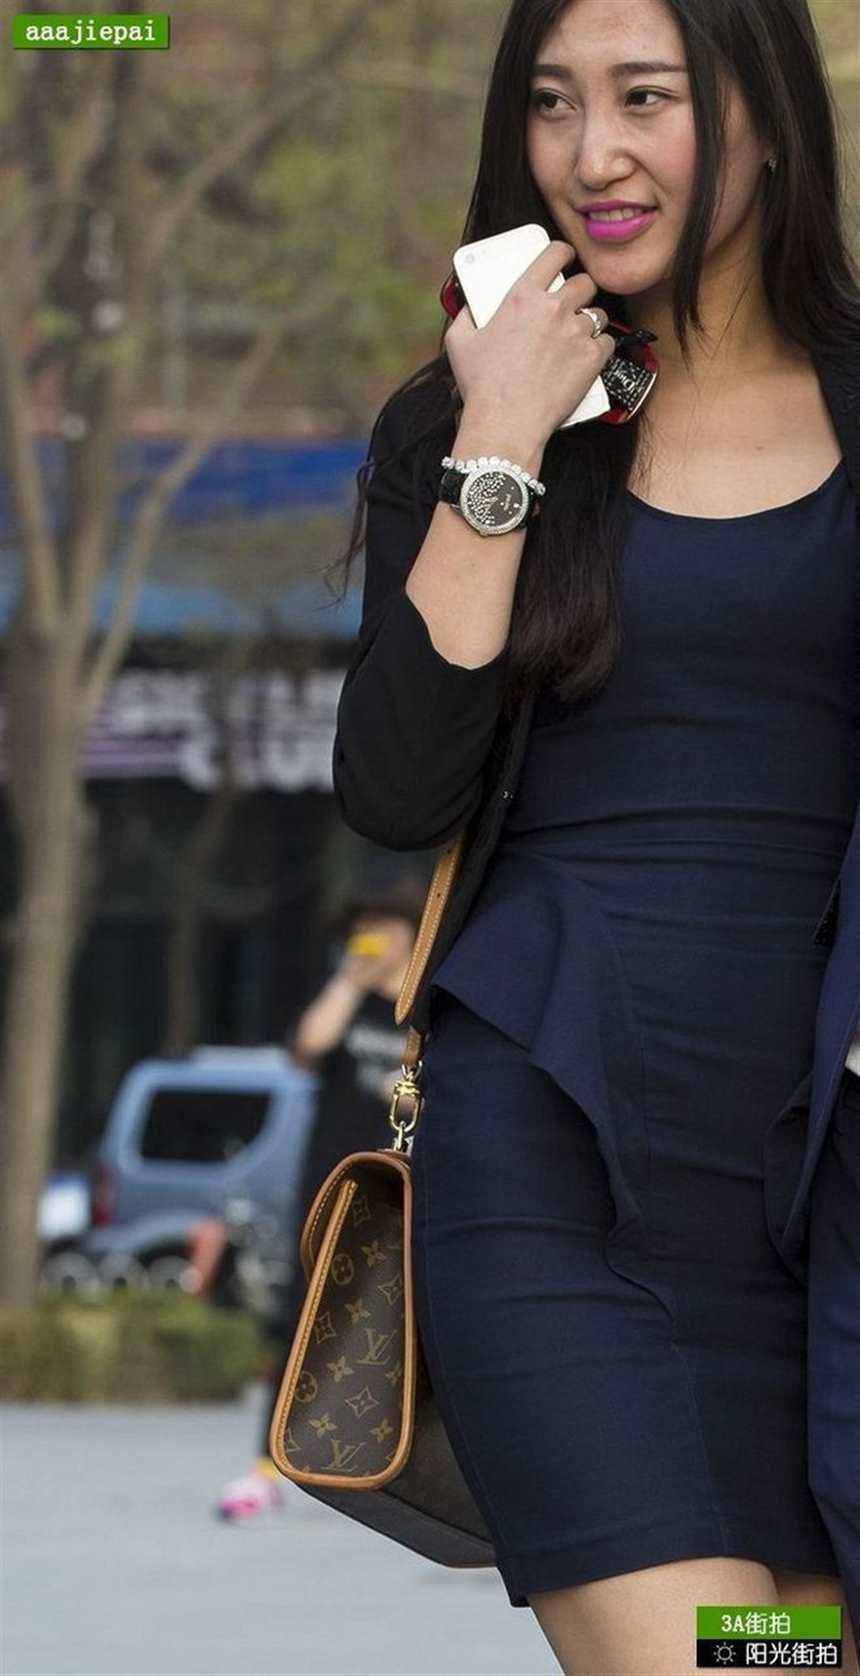 气质蓝色紧身裙无丝袜美女(点击浏览下一张趣图)